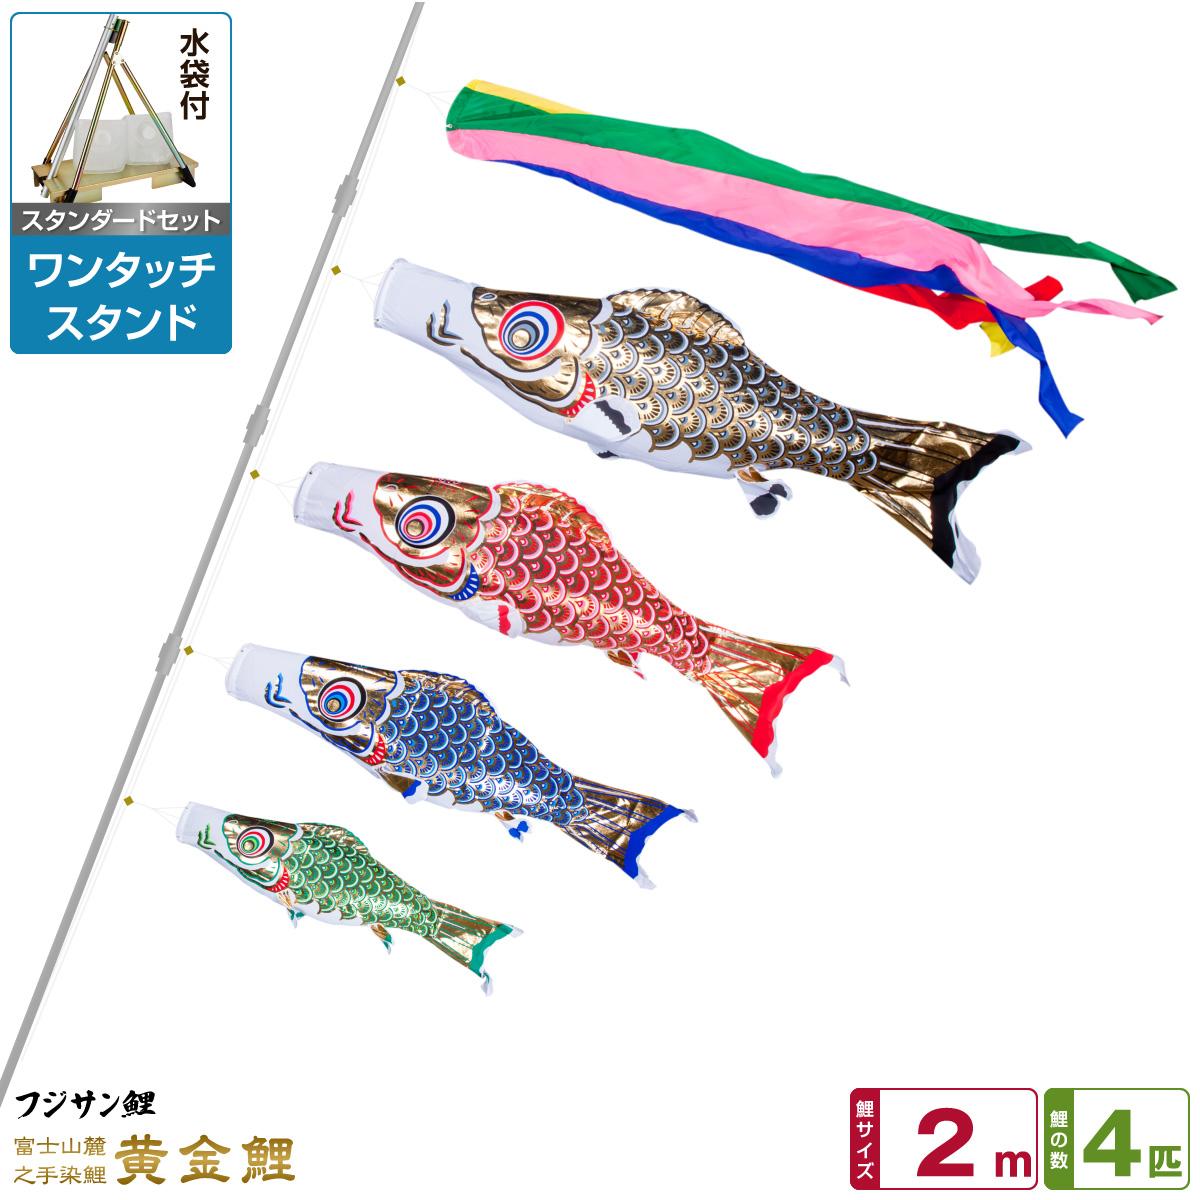 ベランダ用 こいのぼり 鯉のぼり フジサン鯉 黄金鯉 2m 7点(吹流し+鯉4匹+矢車+ロープ)/スタンダードセット(ワンタッチスタンド)